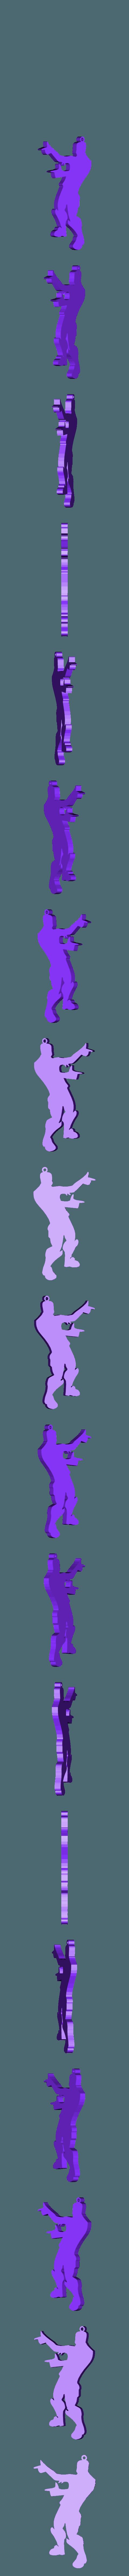 PISTOLAS (FINGER GUNS).stl Télécharger fichier STL gratuit PISTOLETS À DOIGTS - PORTE-CLÉS FORTNITE DANCE • Objet pour impression 3D, MagnusBee